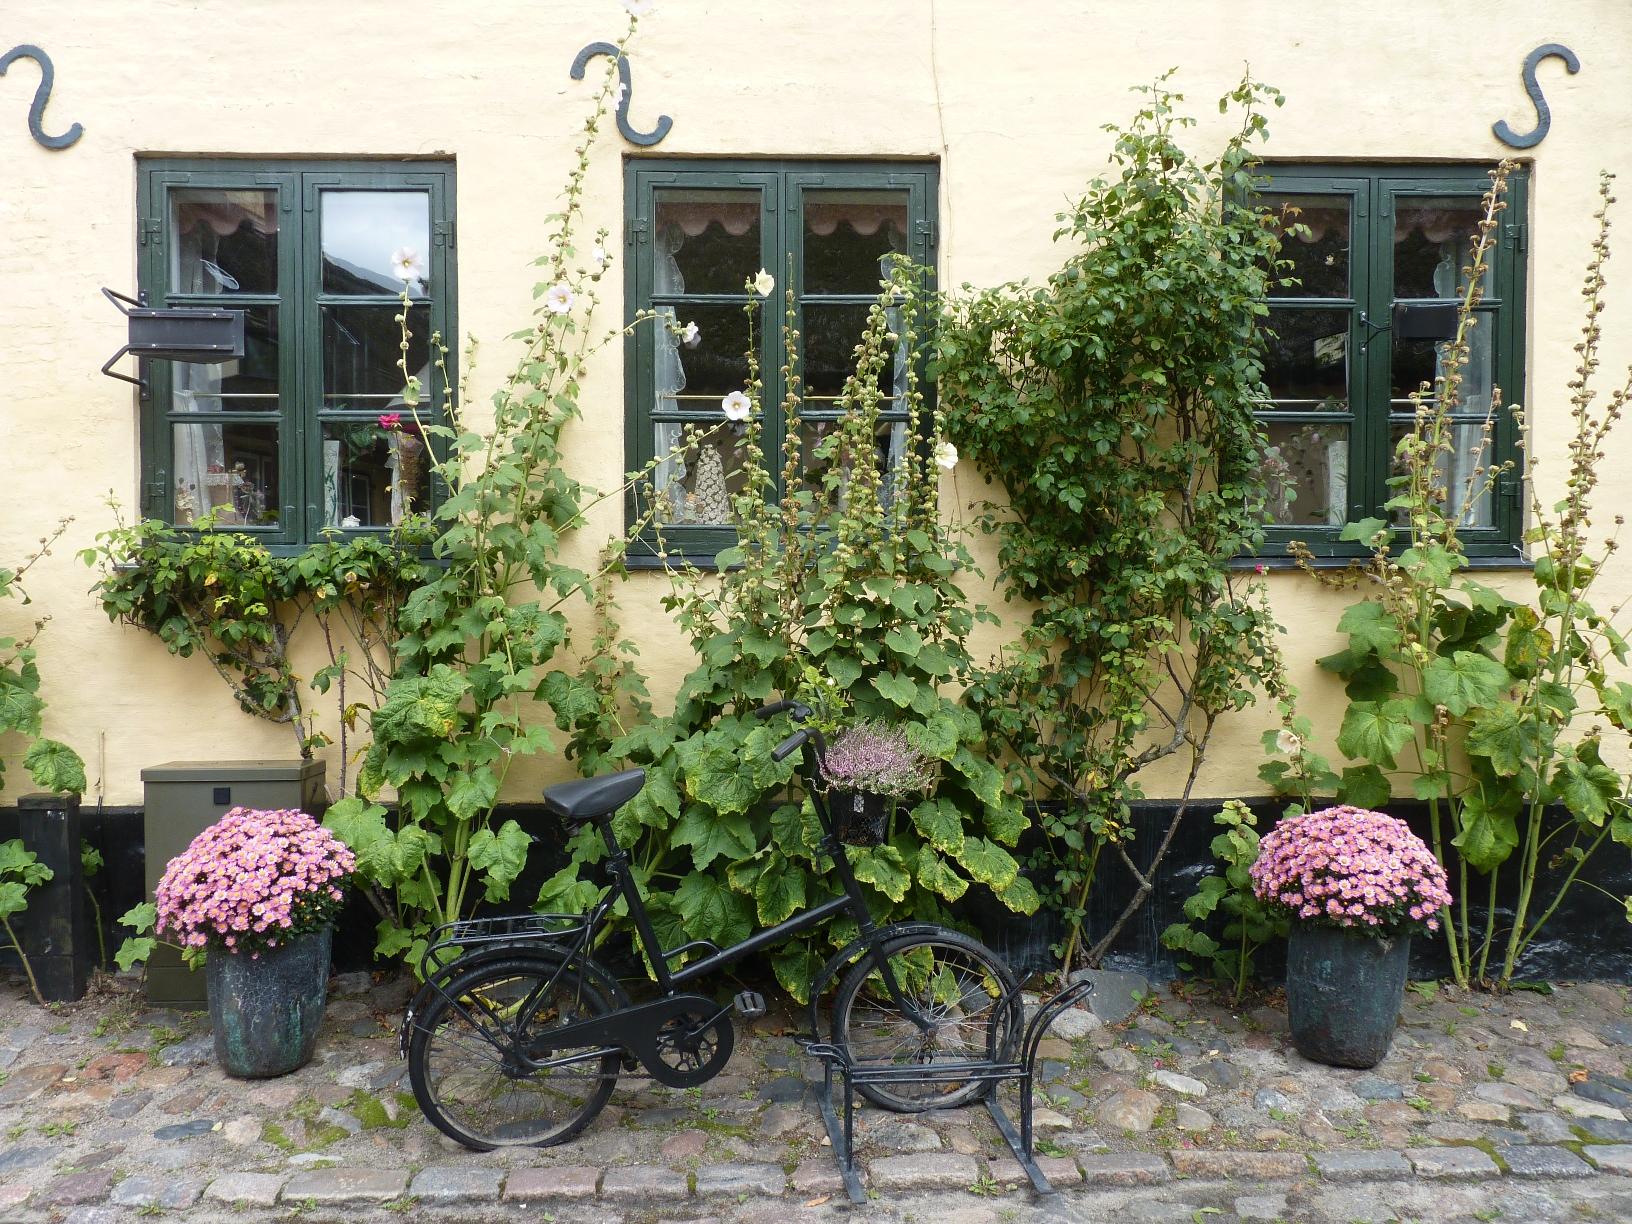 kopenhagen2011-352